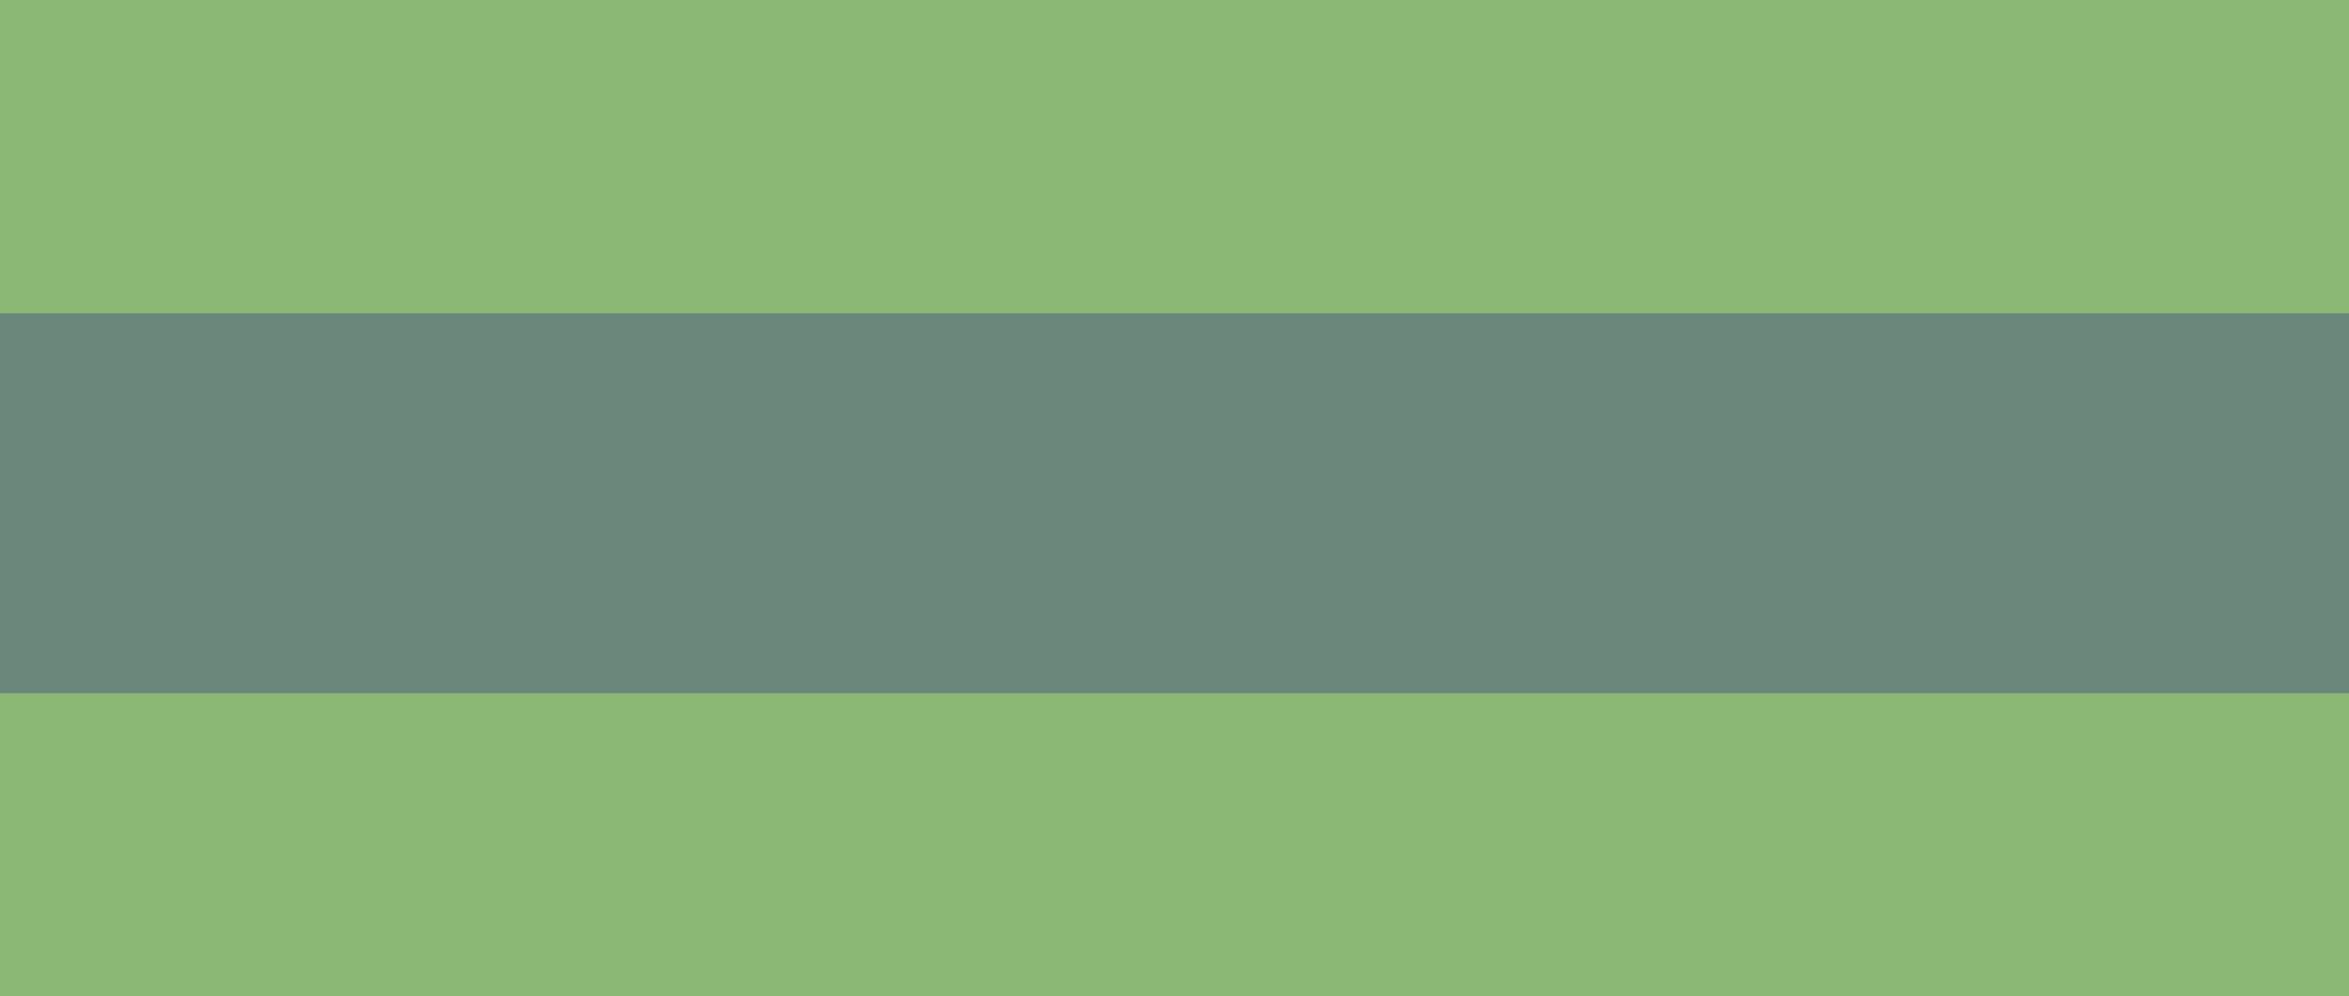 verde vintage-verde